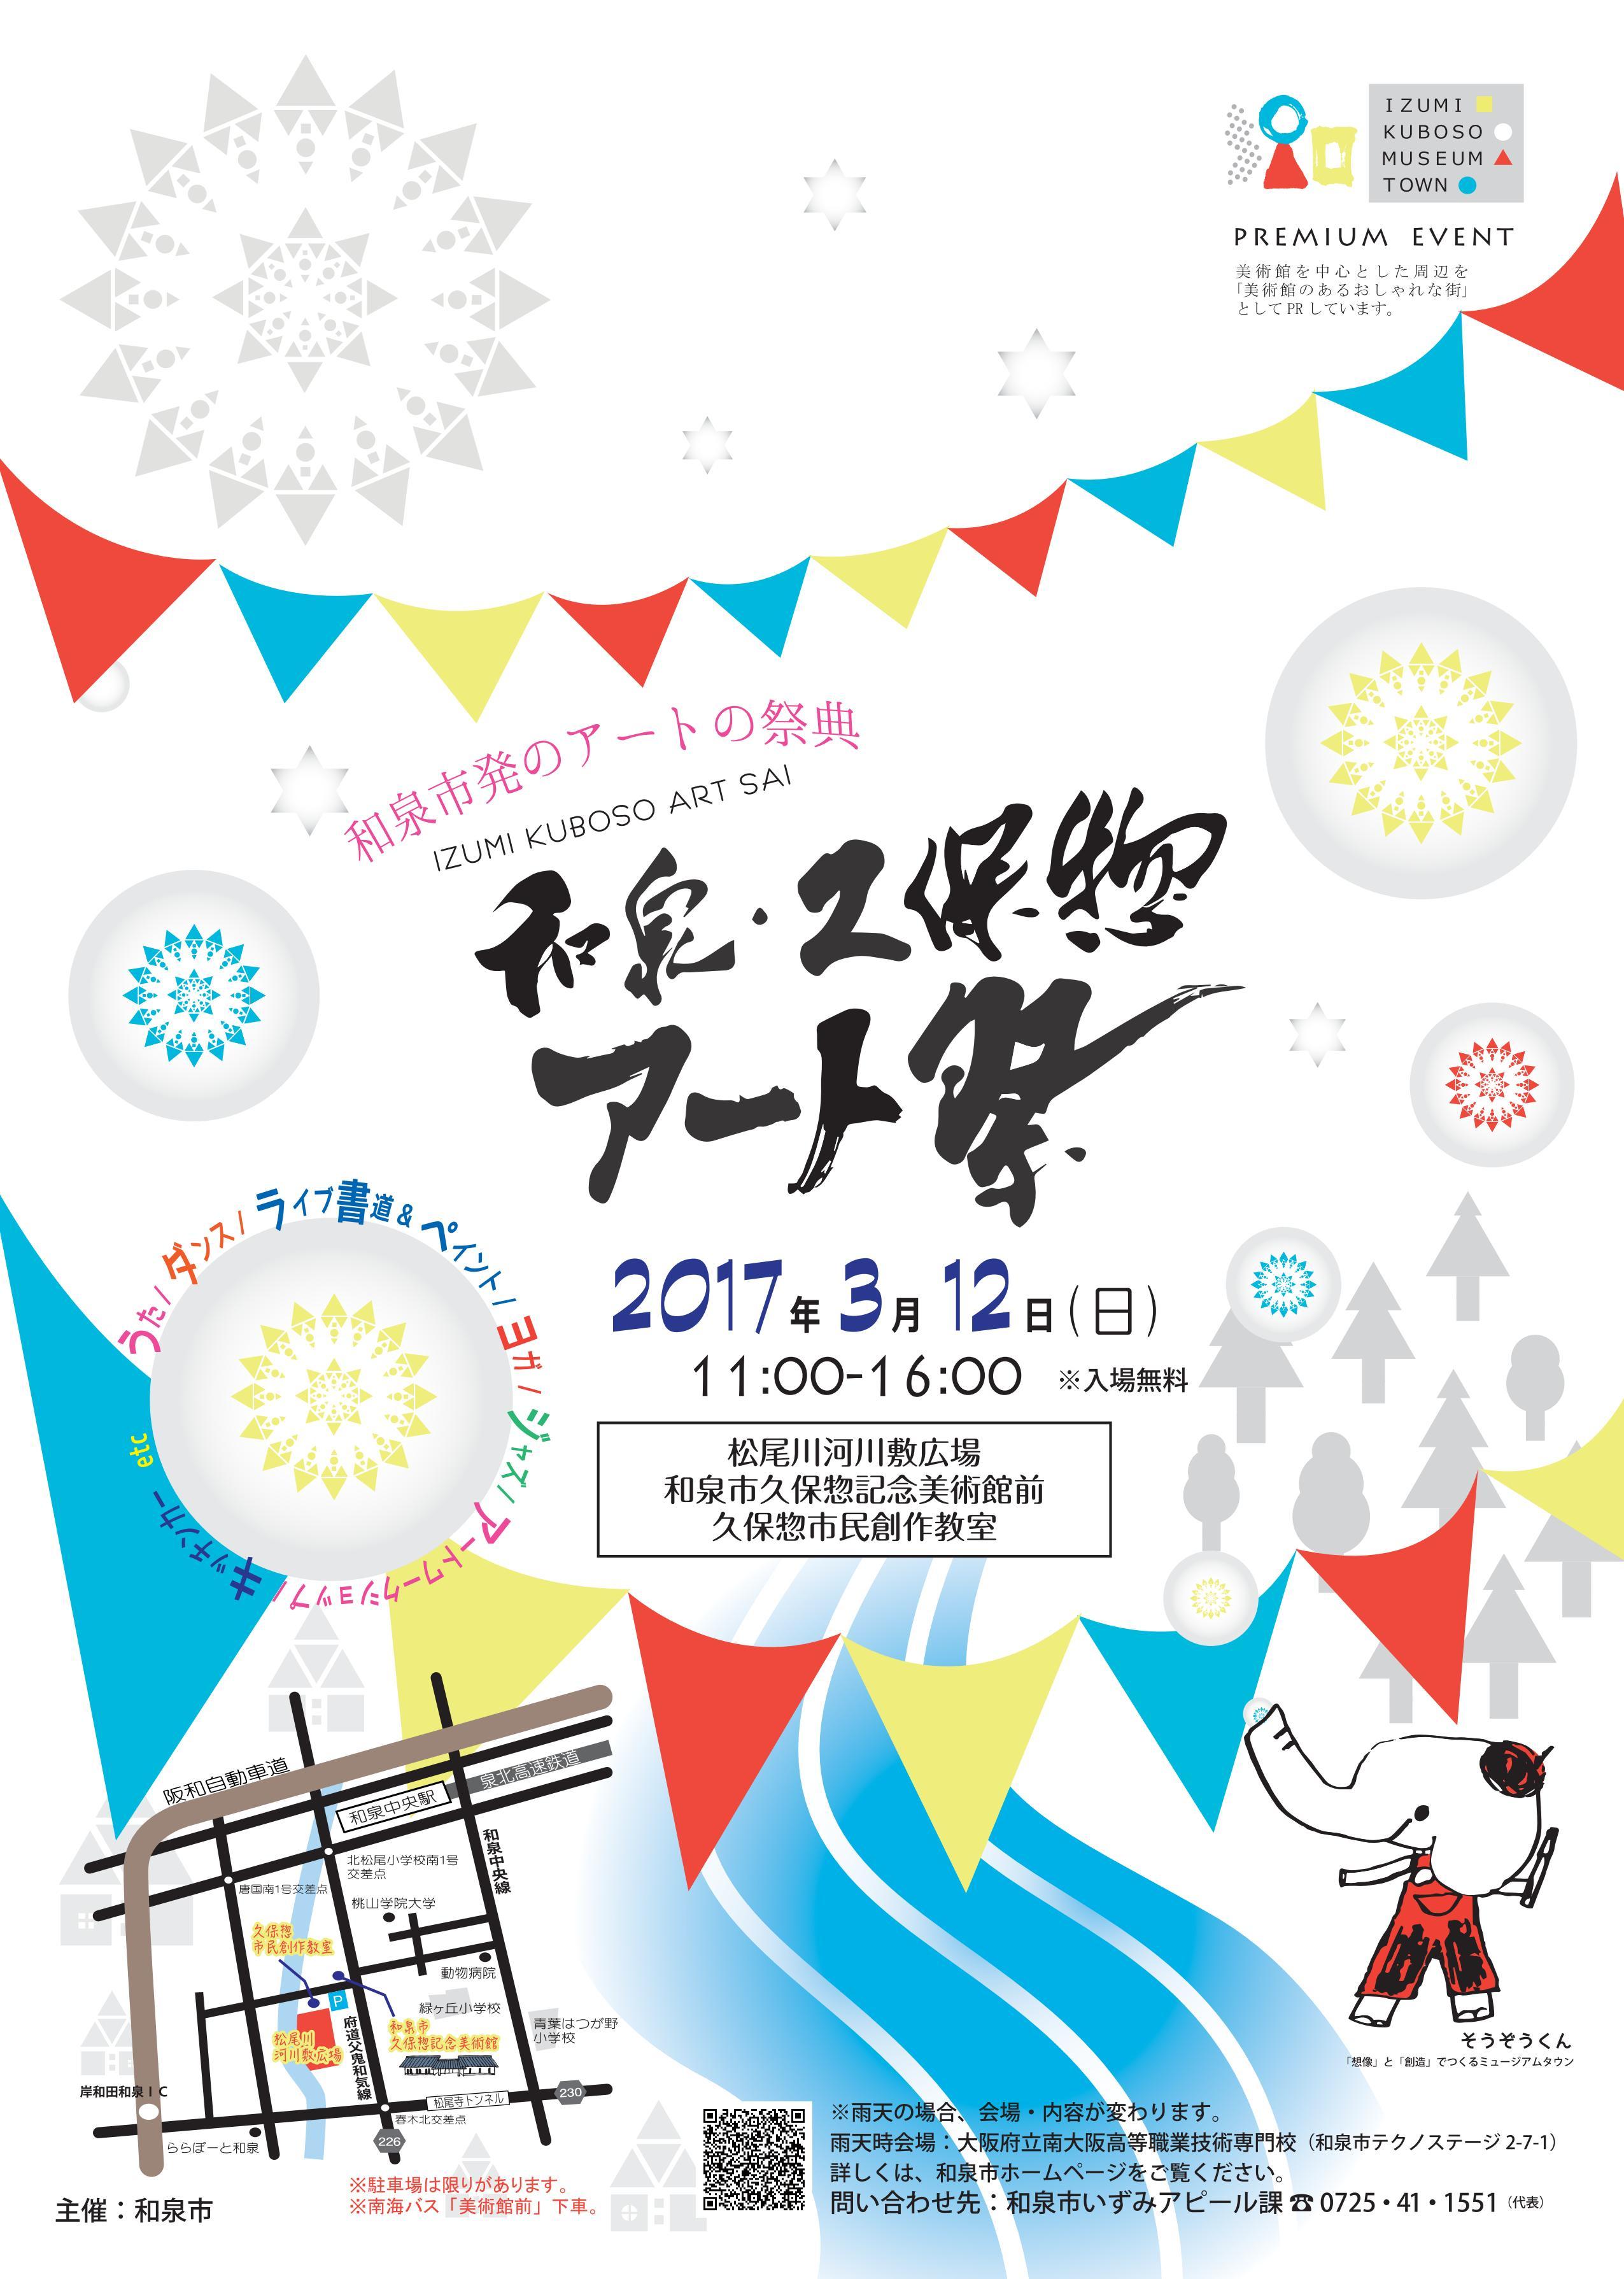 和泉・久保惣アート祭 3月12日(日)開催!